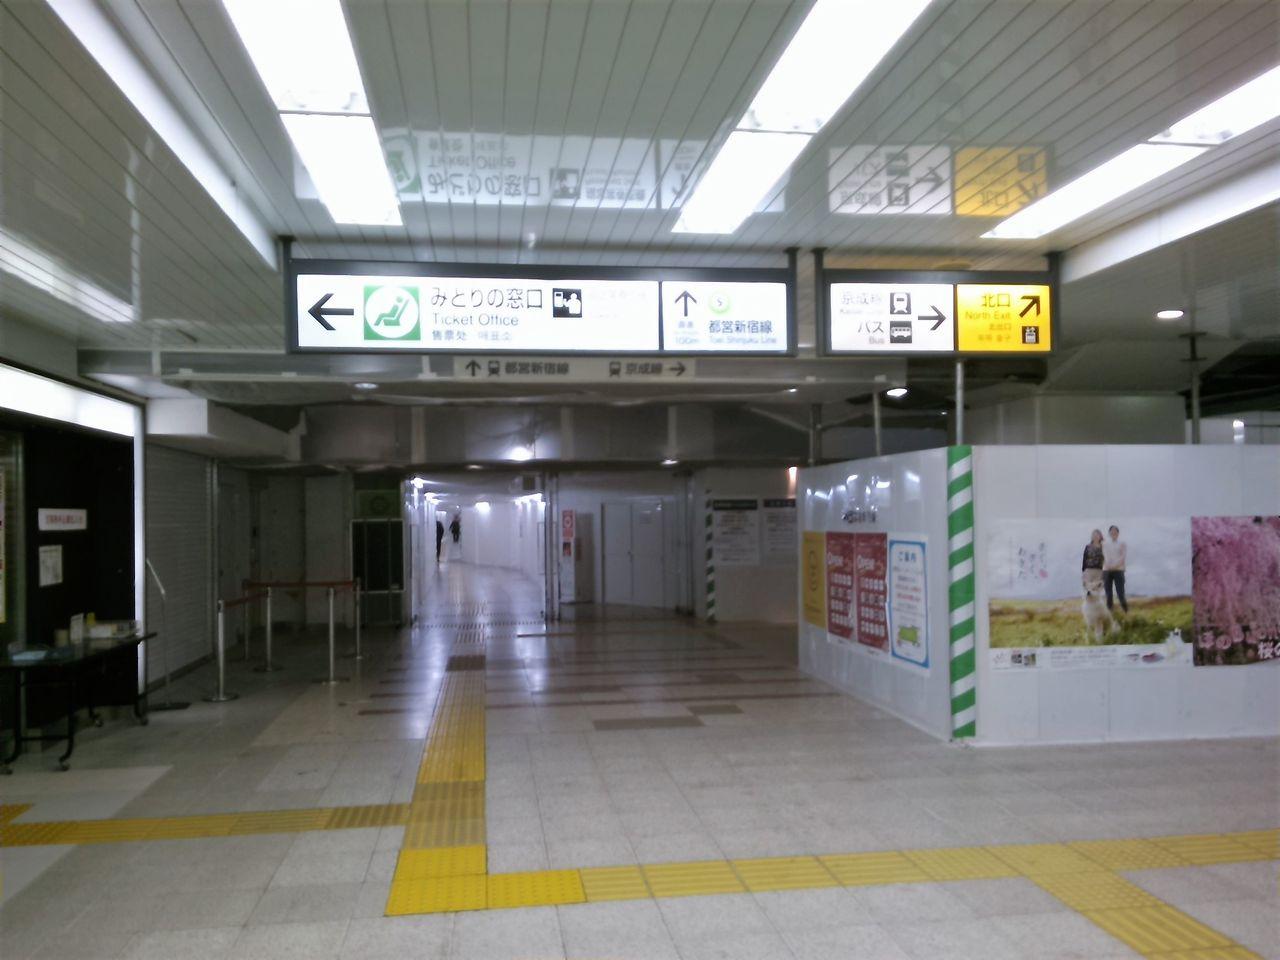 本八幡〔新宿線〕から新宿までの乗換案内 - …